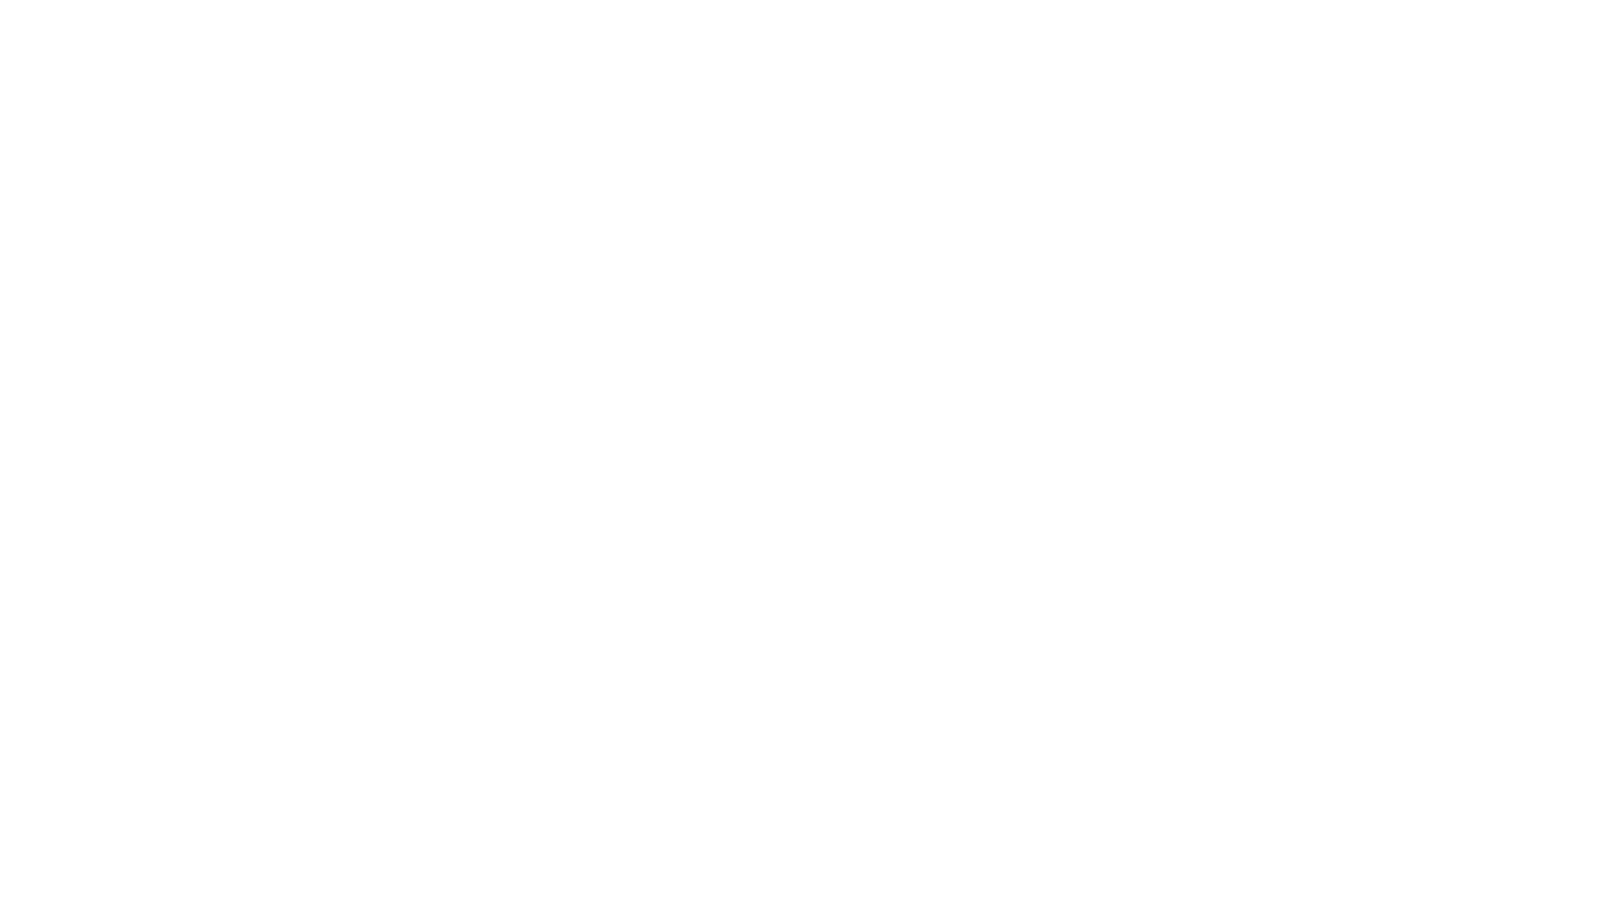 Tecnalia Research & Innovationes el primer centro privado de investigación aplicada de España y uno de los más relevantes de Europa. Industria 4.0 es una línea de trabajo estratégica para Tecnalia donde las tecnologías se ponen al servicio de los procesos productivos para dotarlos de inteligencia dando lugar a nuevos servicios asociados a los nuevos productos demandados. Gracias a la identificación y selección de tecnologías clave, somos capaces de desarrollar íntegramente soluciones innovadoras de largo recorrido que abren y sitúan a las empresas en el nuevo entorno 4.0.